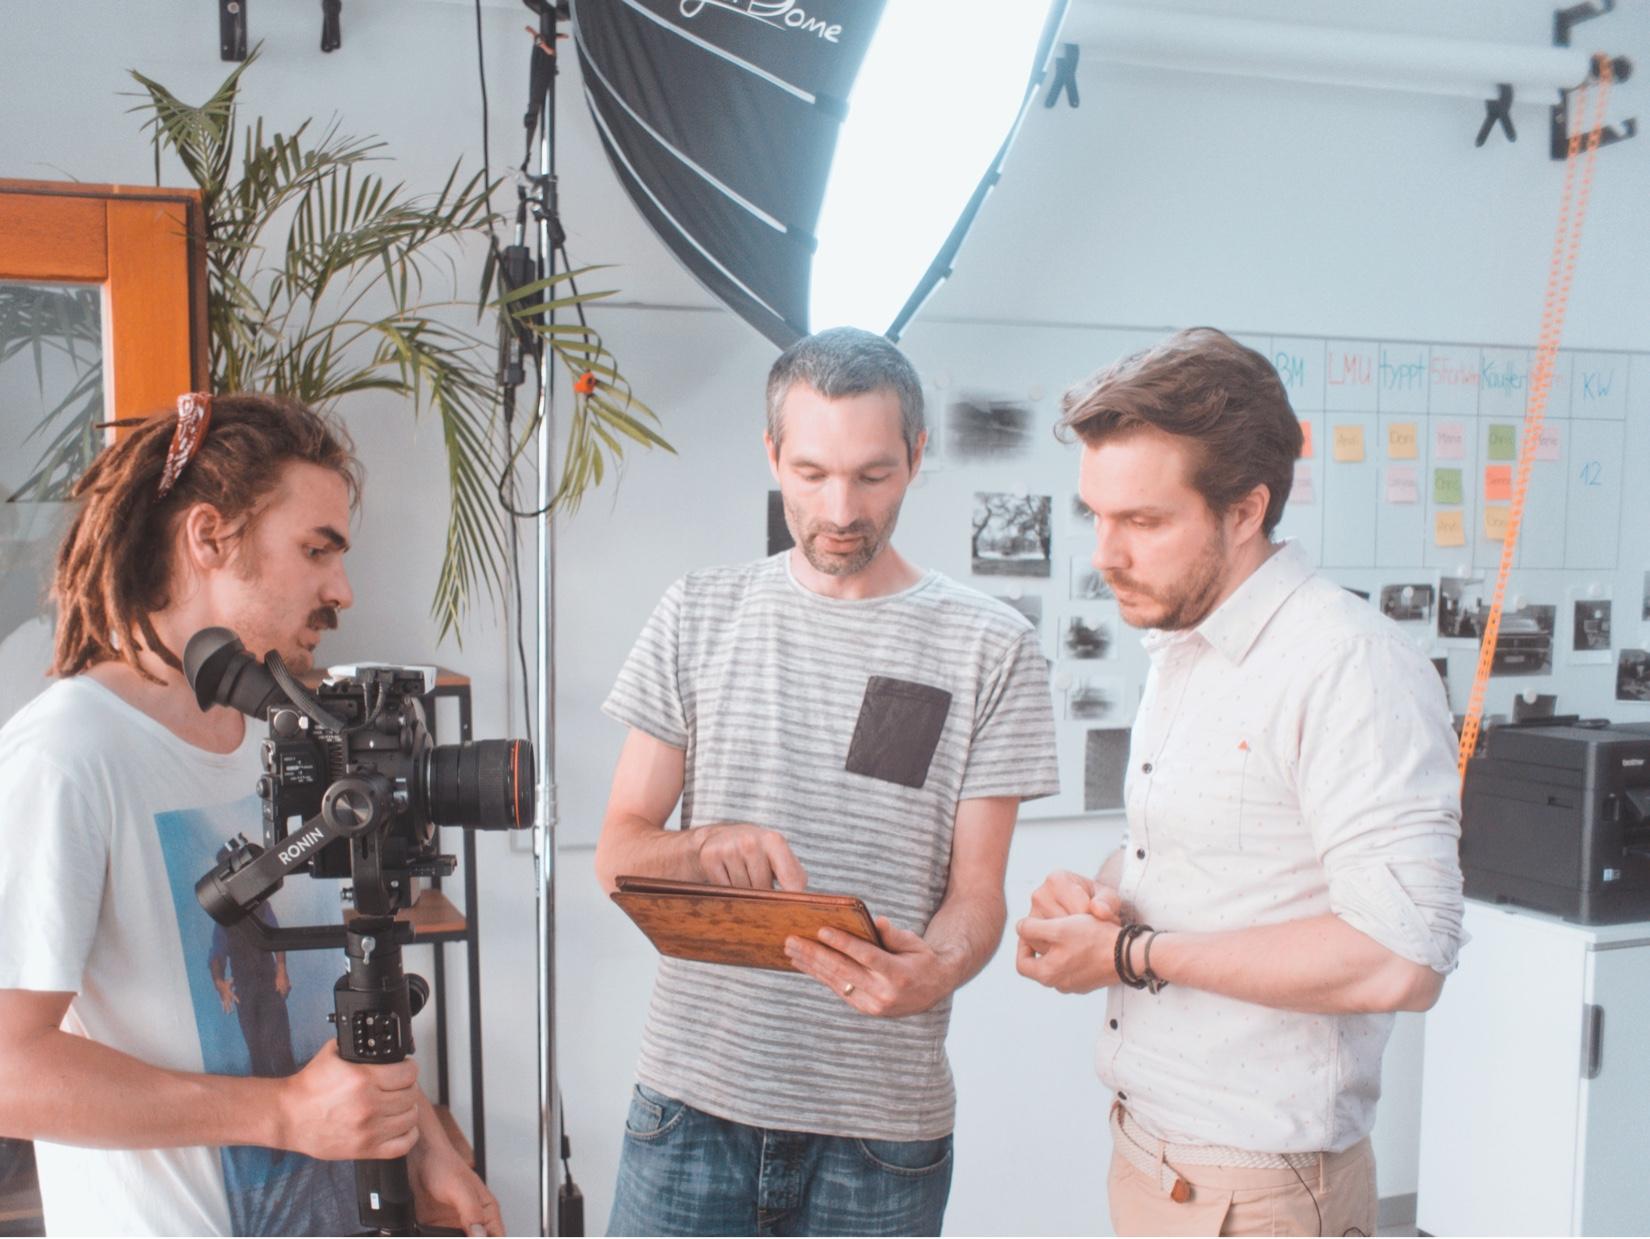 Digitalagentur München Videodreh